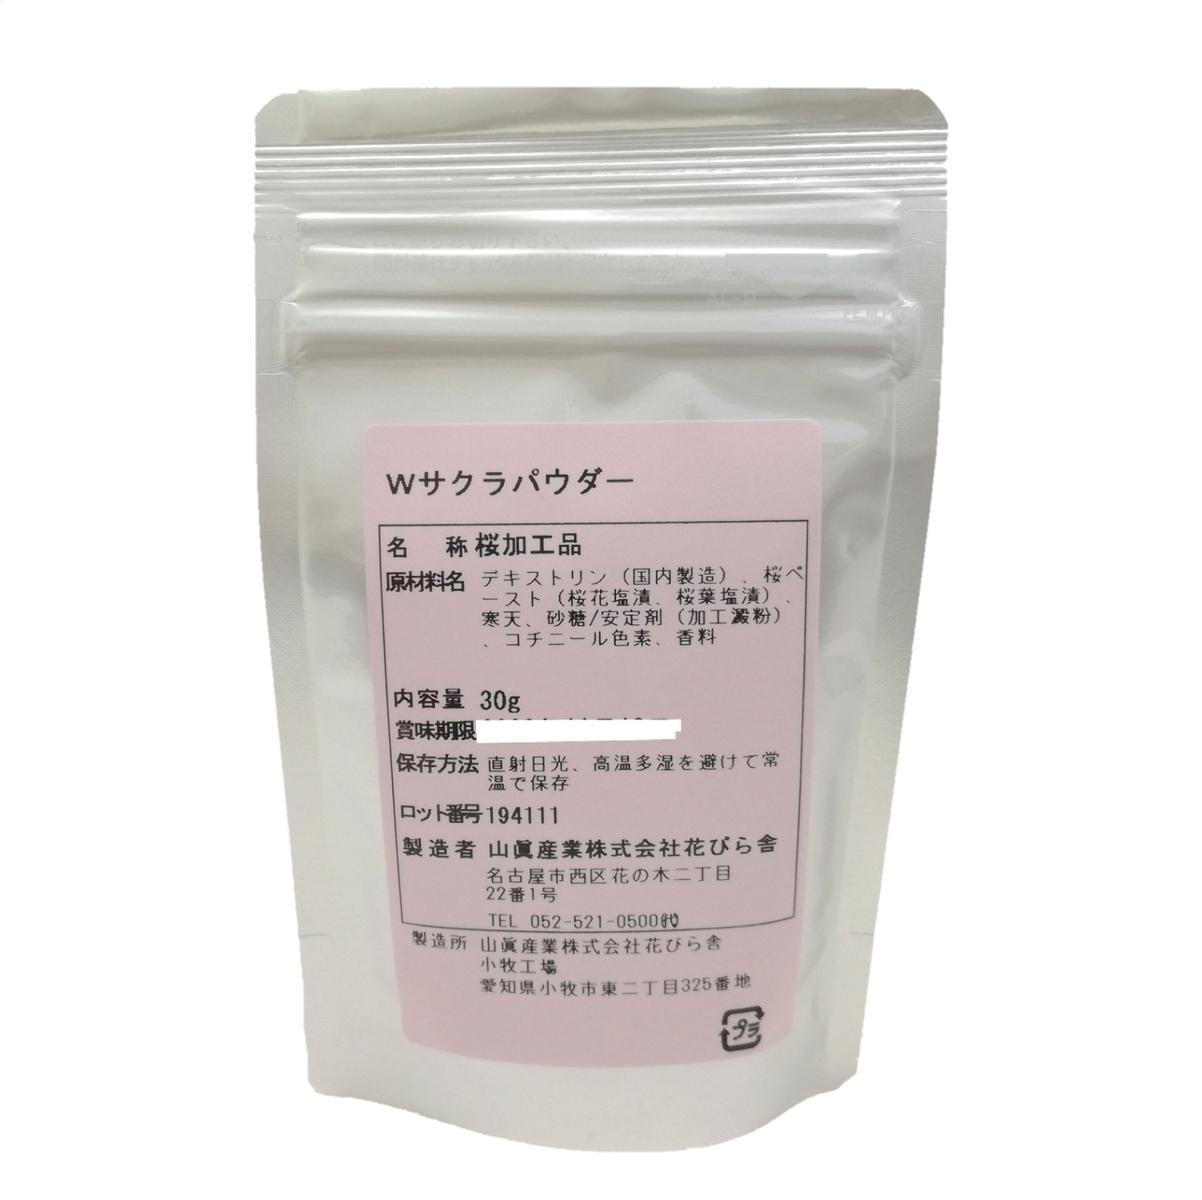 桜スイーツ材料 W サクラパウダー 30g(桜パウダー)